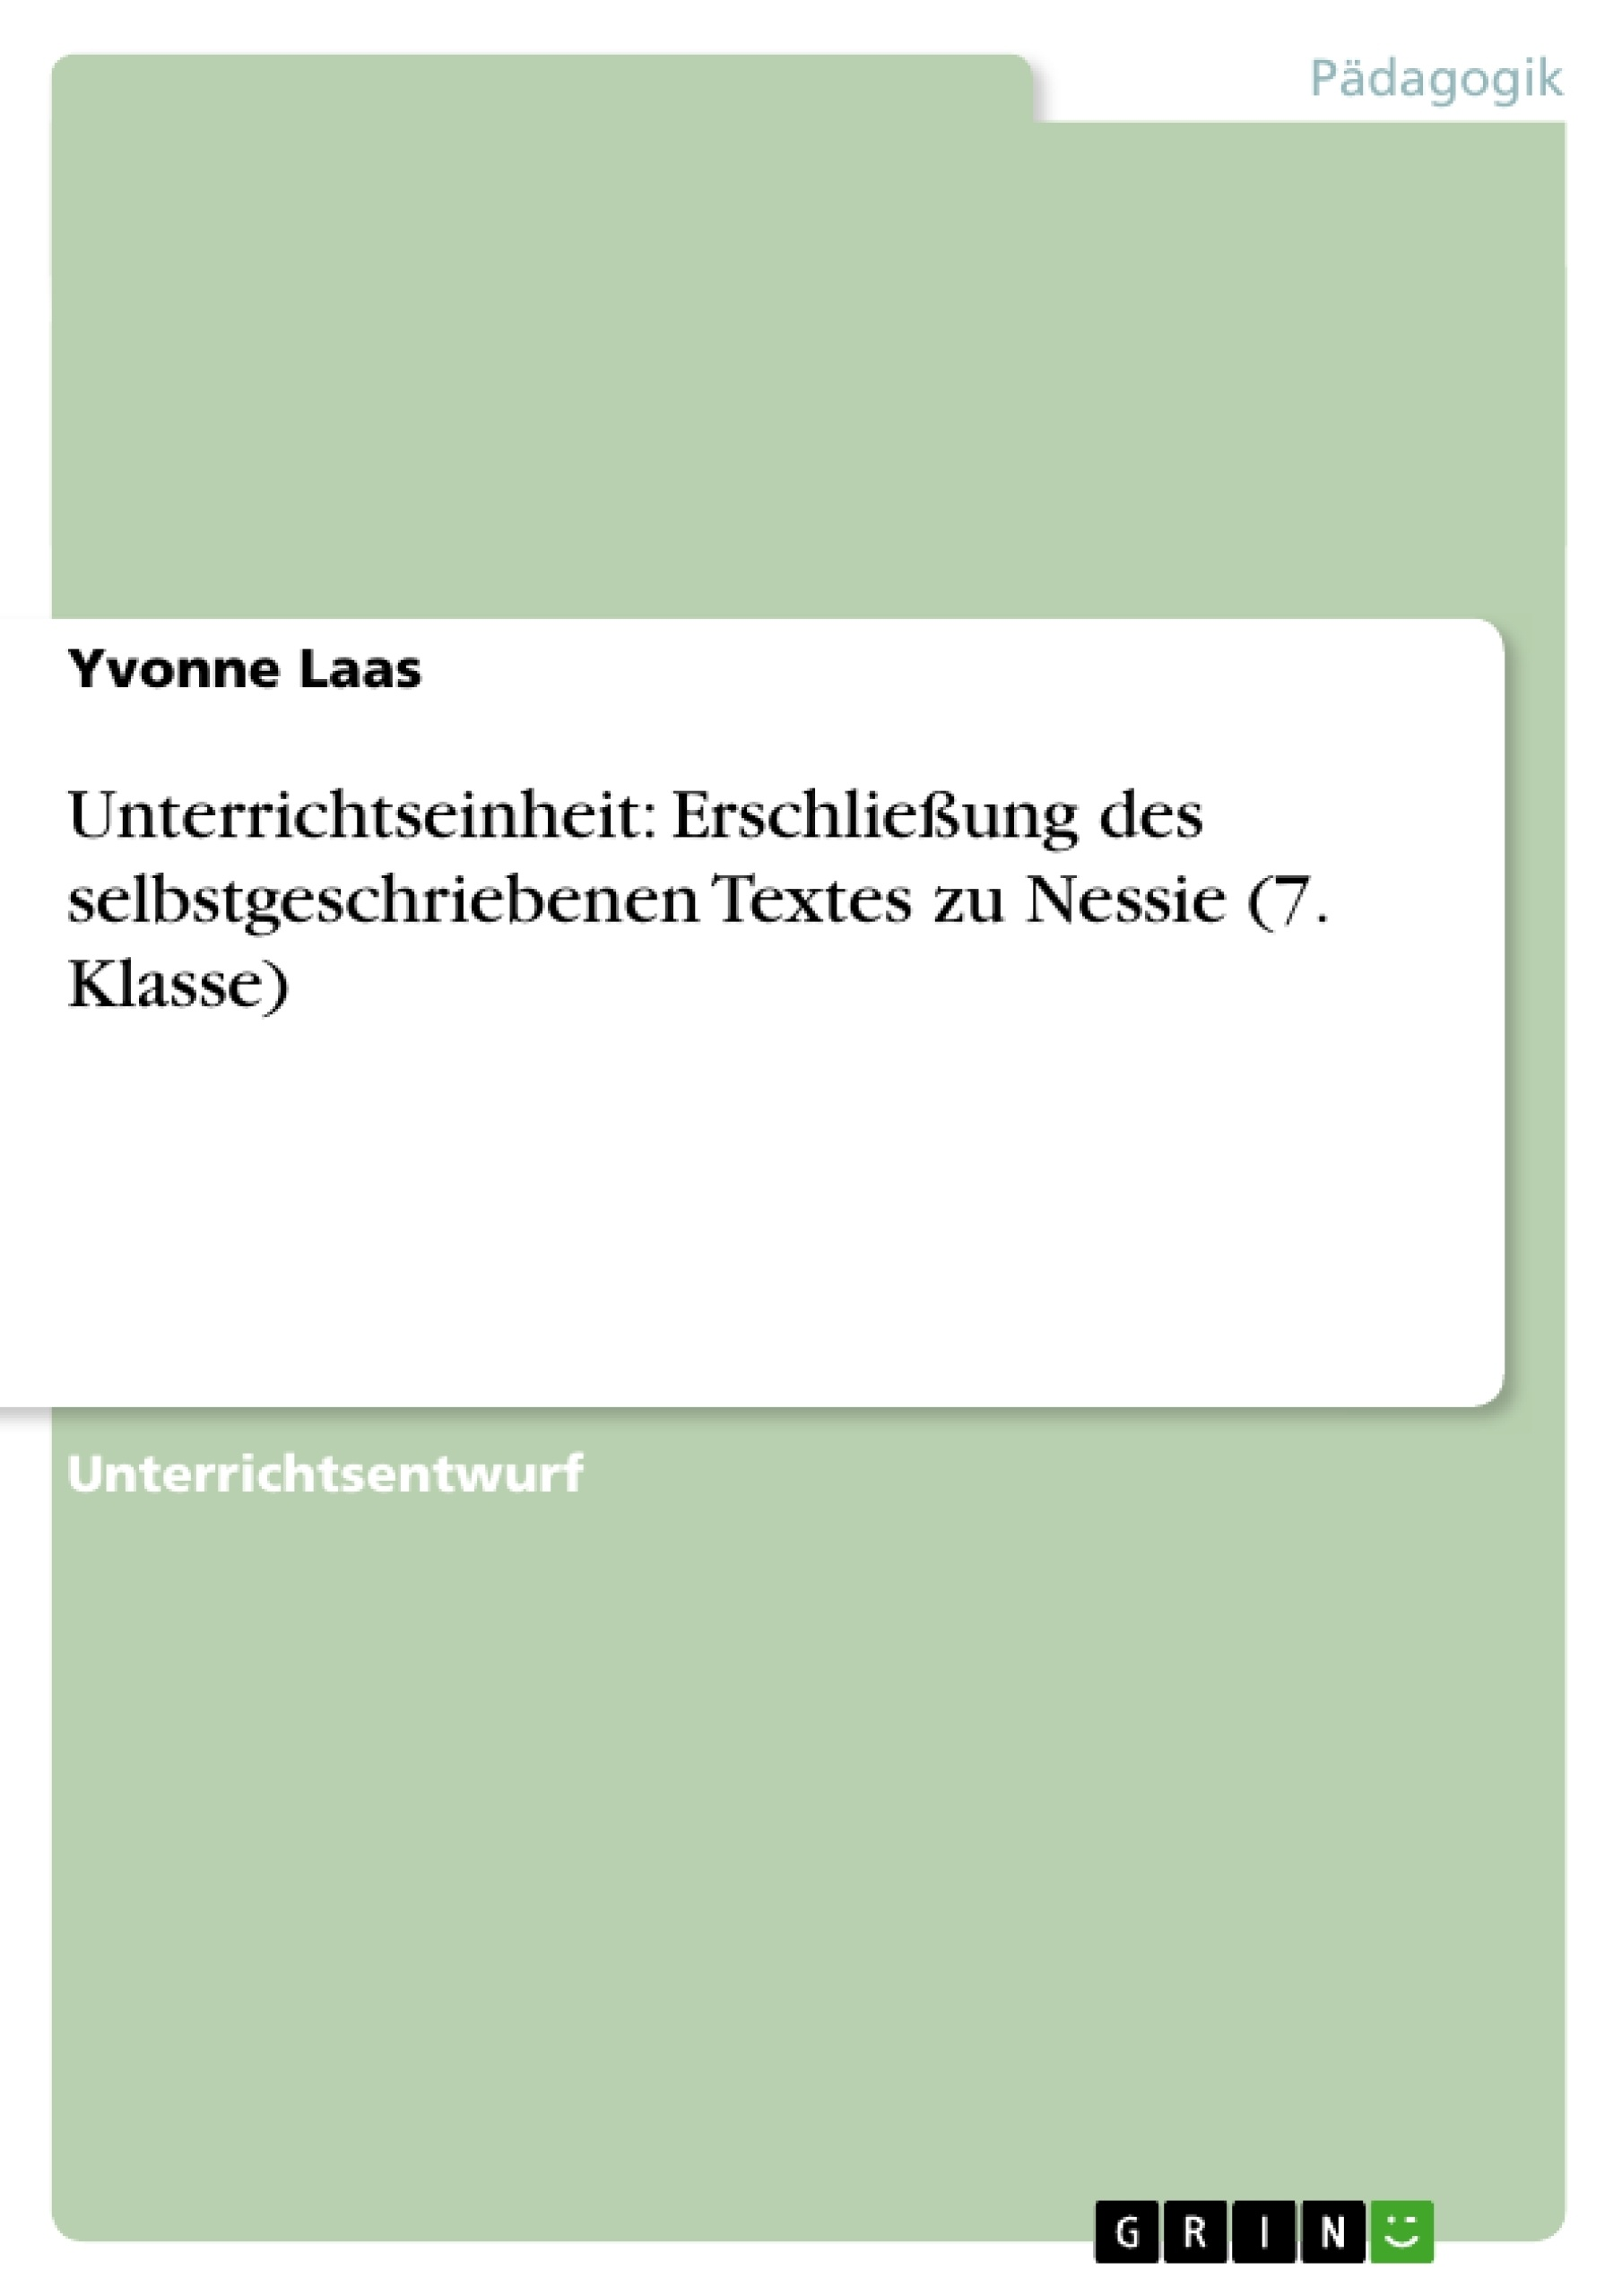 Titel: Unterrichtseinheit: Erschließung des selbstgeschriebenen Textes zu Nessie (7. Klasse)